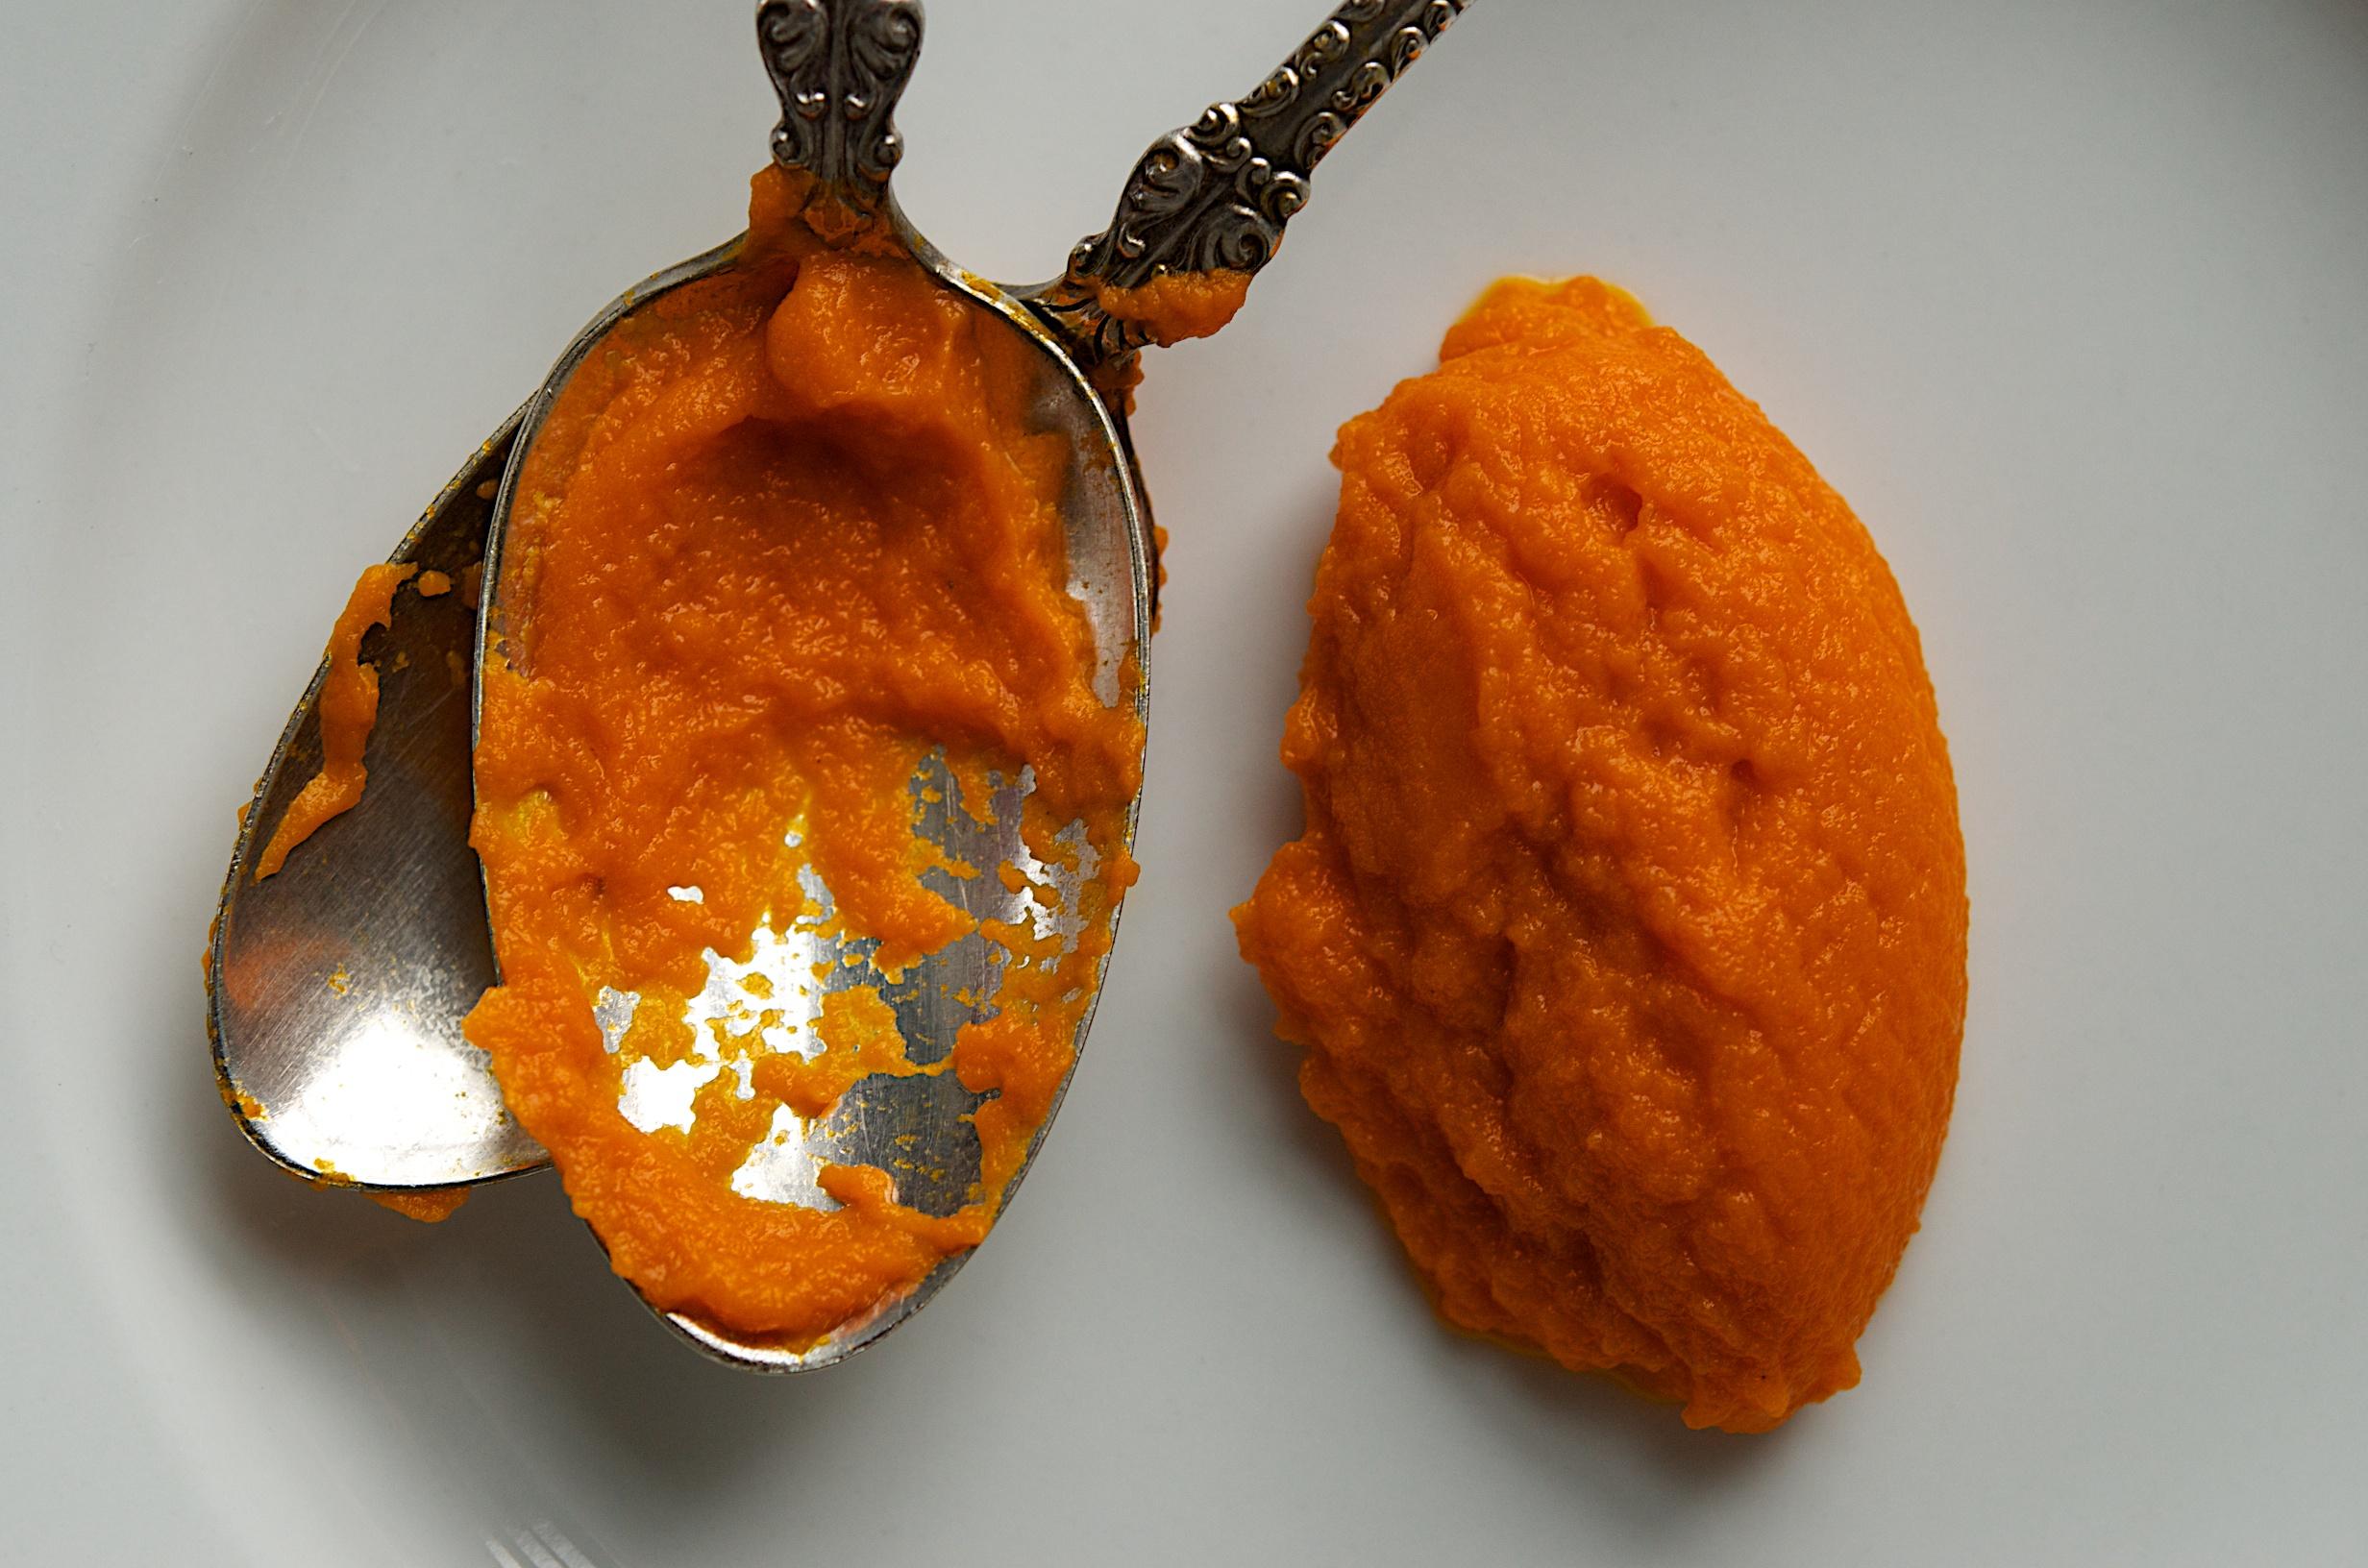 Carrot Purée